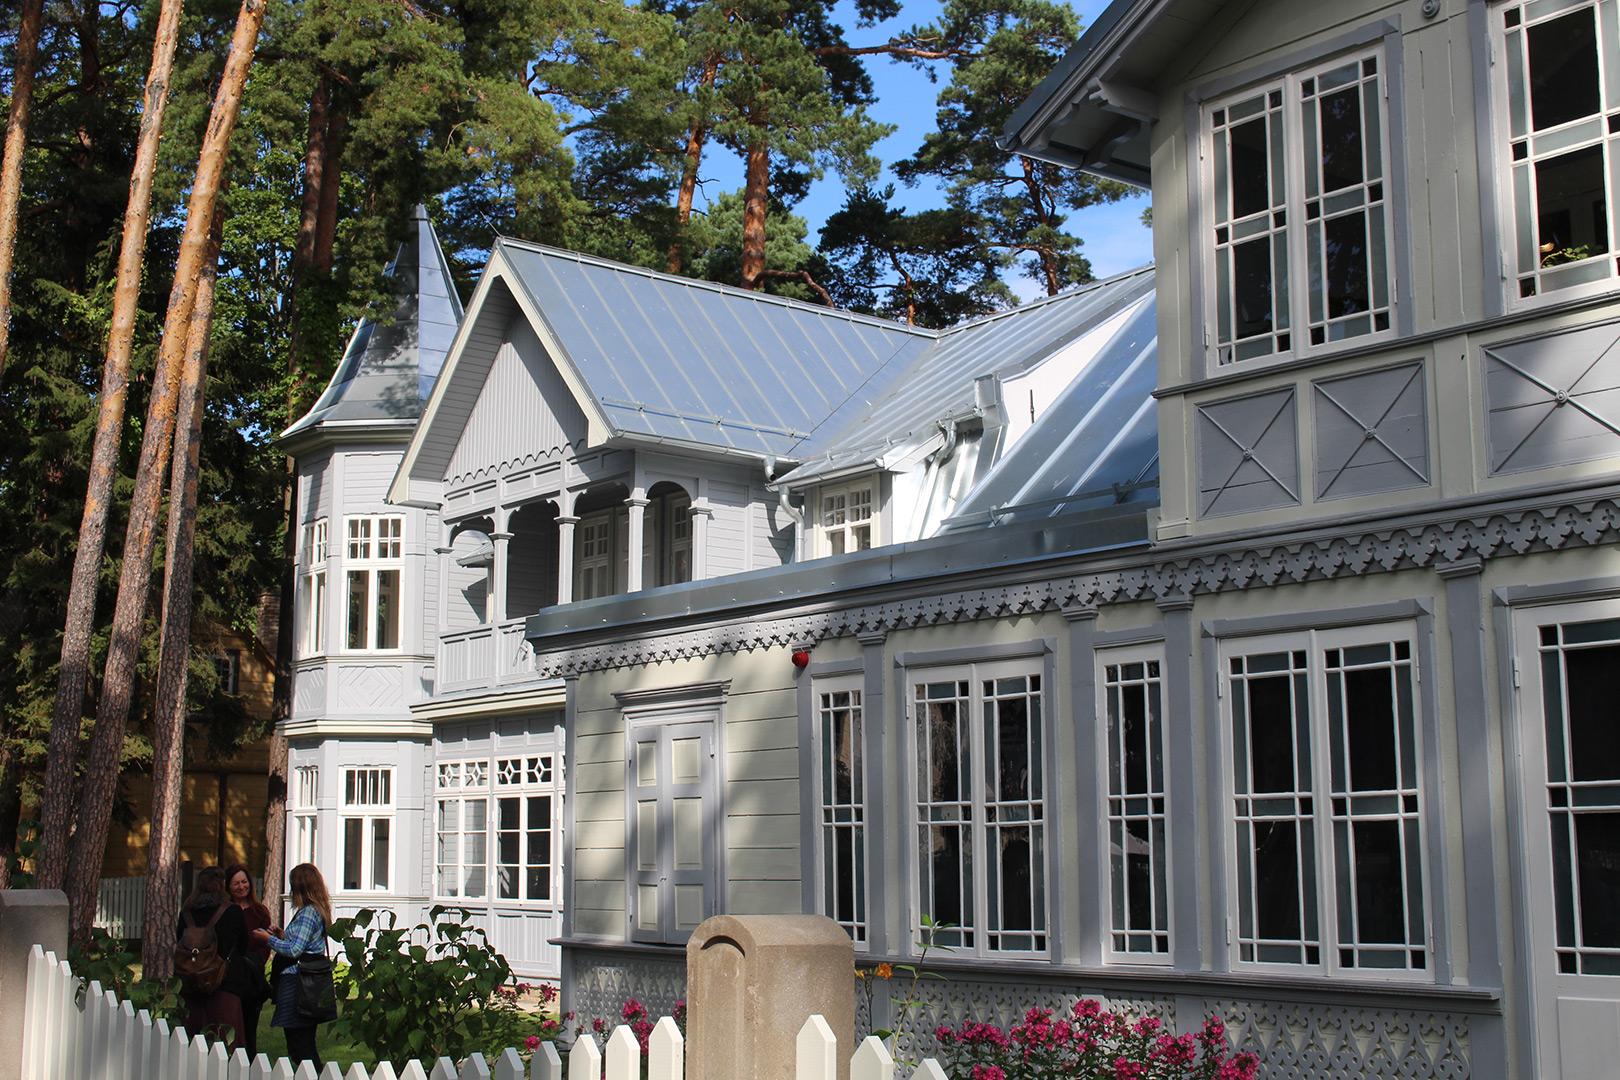 Bilde av Sommerhuset til Rainis og Aspazija i 2017. Foto: Anja Heie, Riksantikvaren